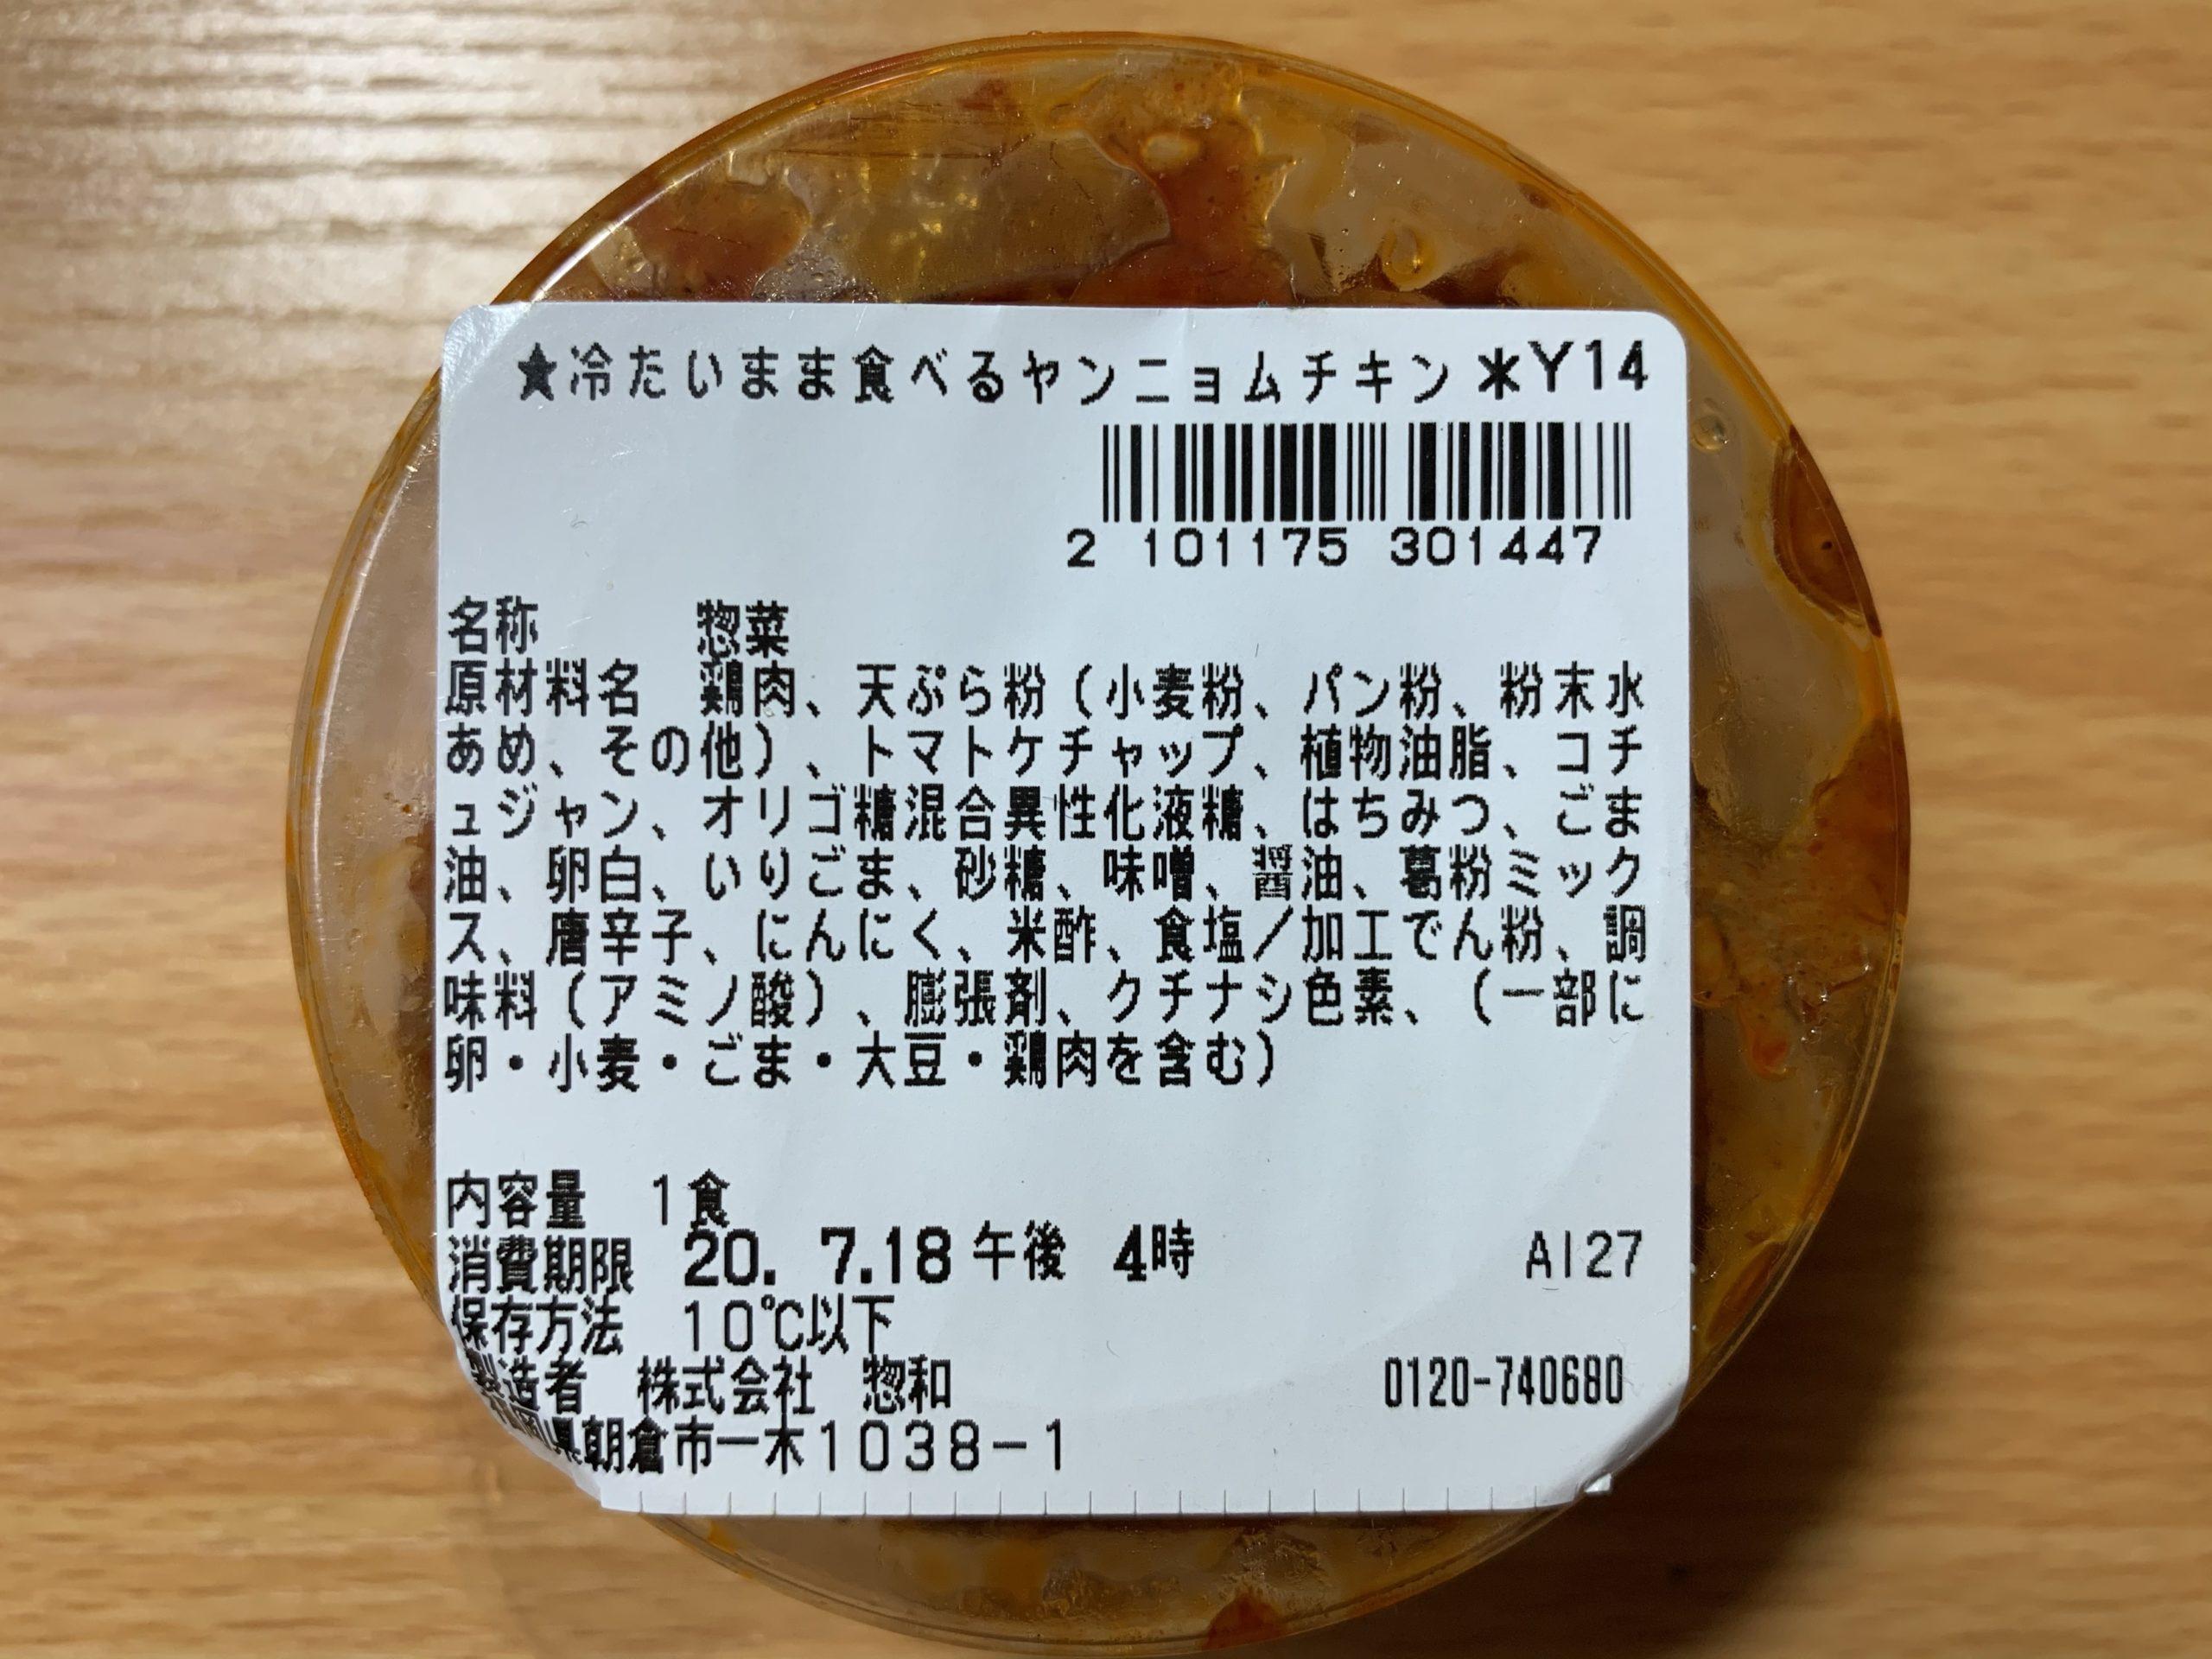 冷たいまま食べるヤンニョムチキンの原材料